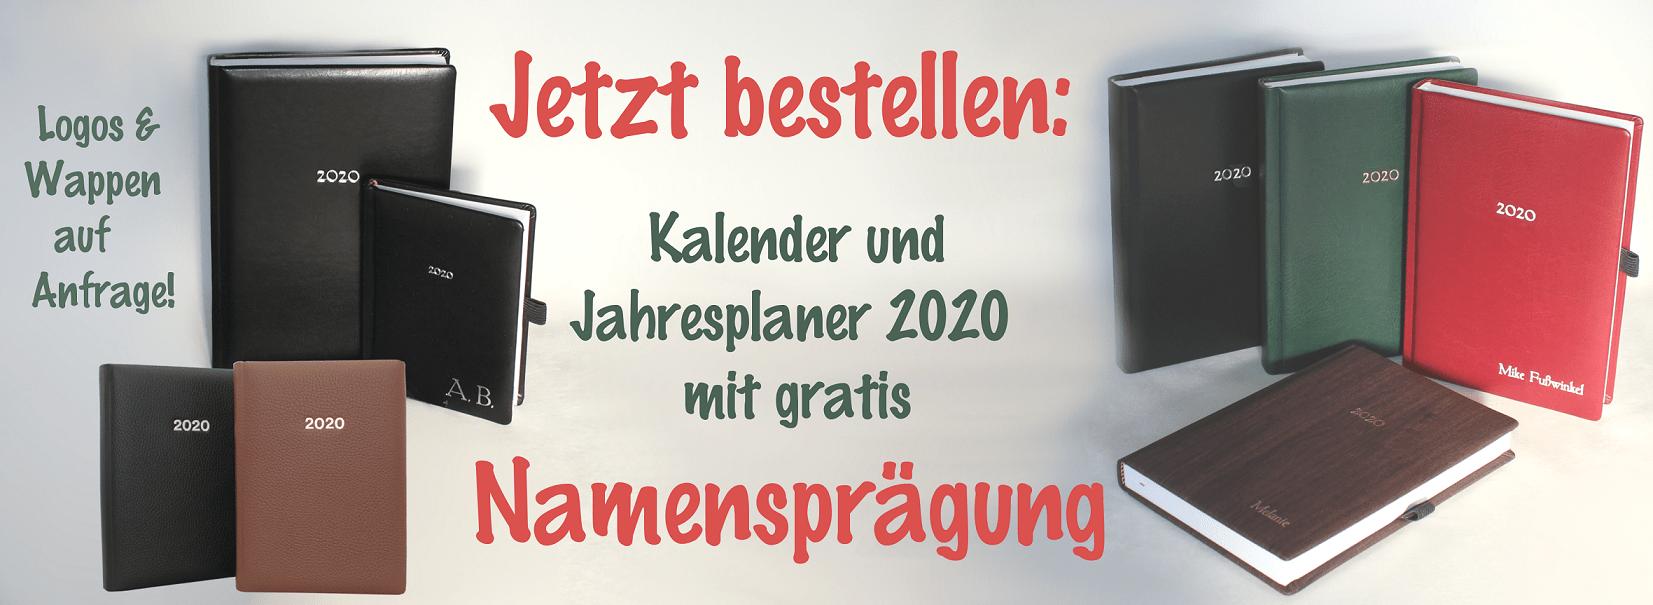 Jetzt bestellen: Kalender und Jahresplaner 2020 mit gratis Namensprägung. Logos & Wappen auf Anfrage!